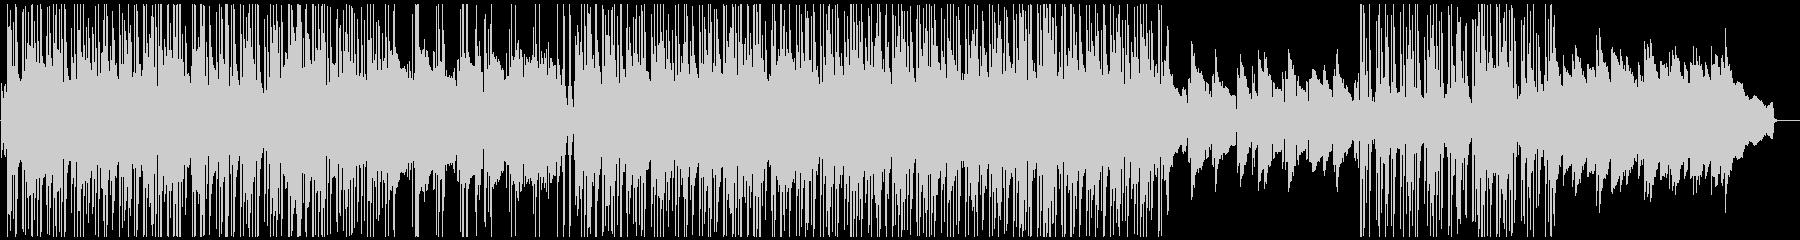 エレピとアコギがメインのBGMです。の未再生の波形